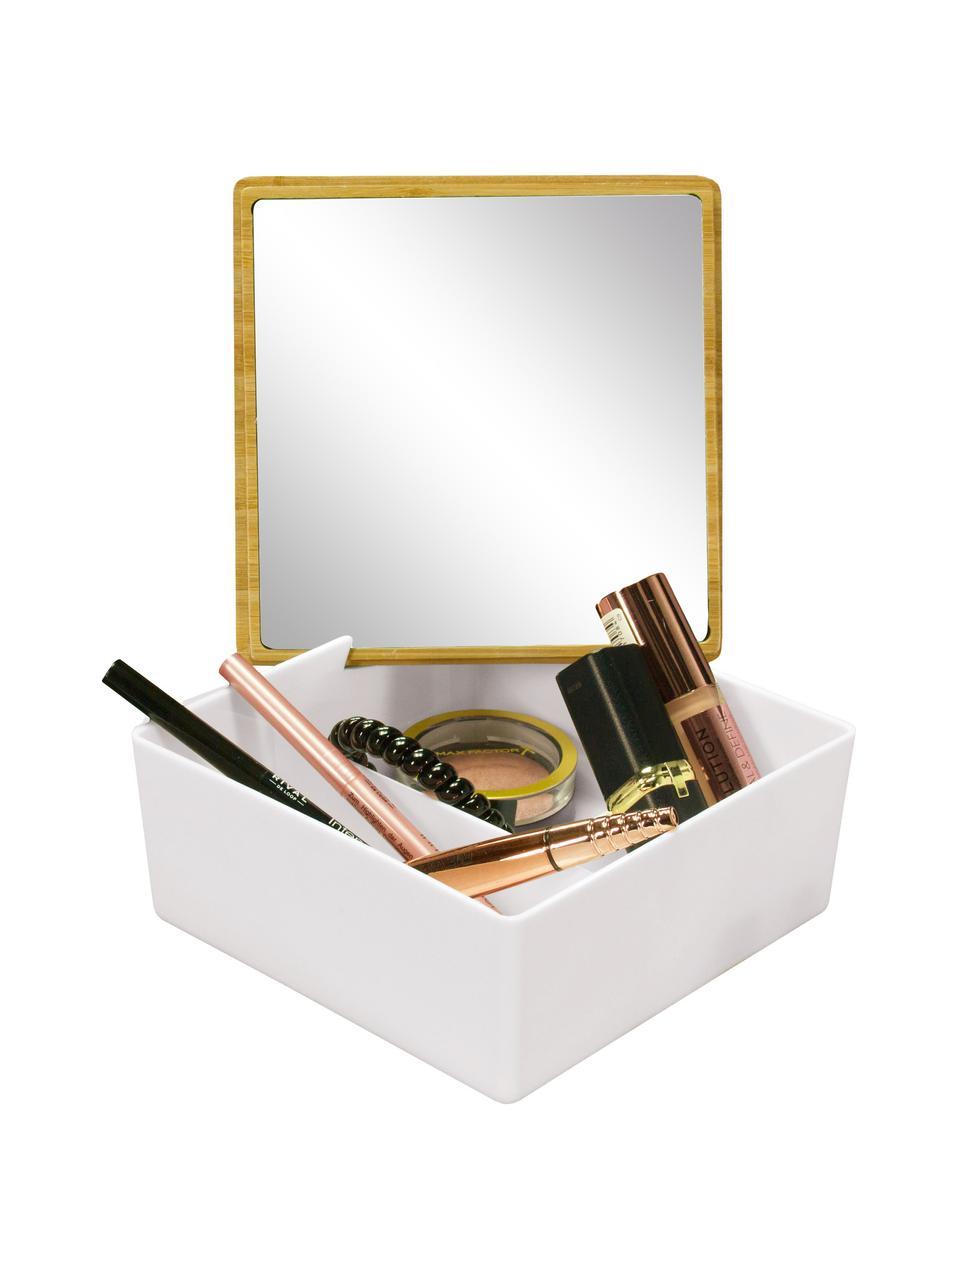 Contenitore in legno con specchietto integrato Timber, Superficie dello specchio: lastra di vetro, Scatola: polipropilene, Coperchio: bambù, Bianco, Larg. 14 x Alt. 6 cm